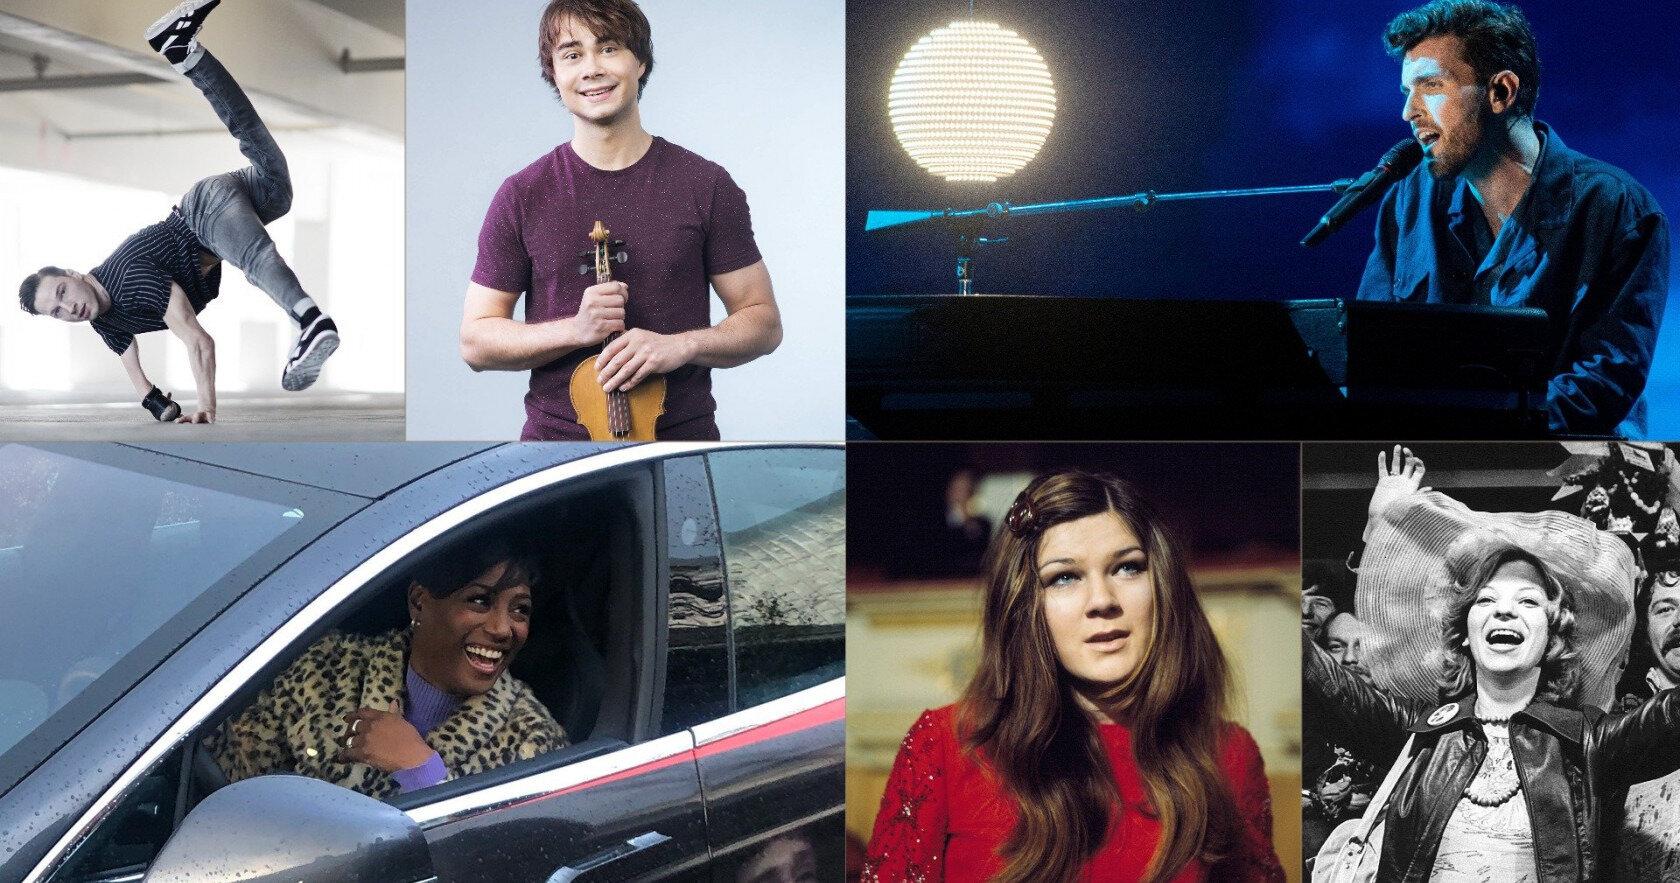 ROTTERDAM 2020 : Invités spéciaux annoncé pour l'Eurovision 2020 !